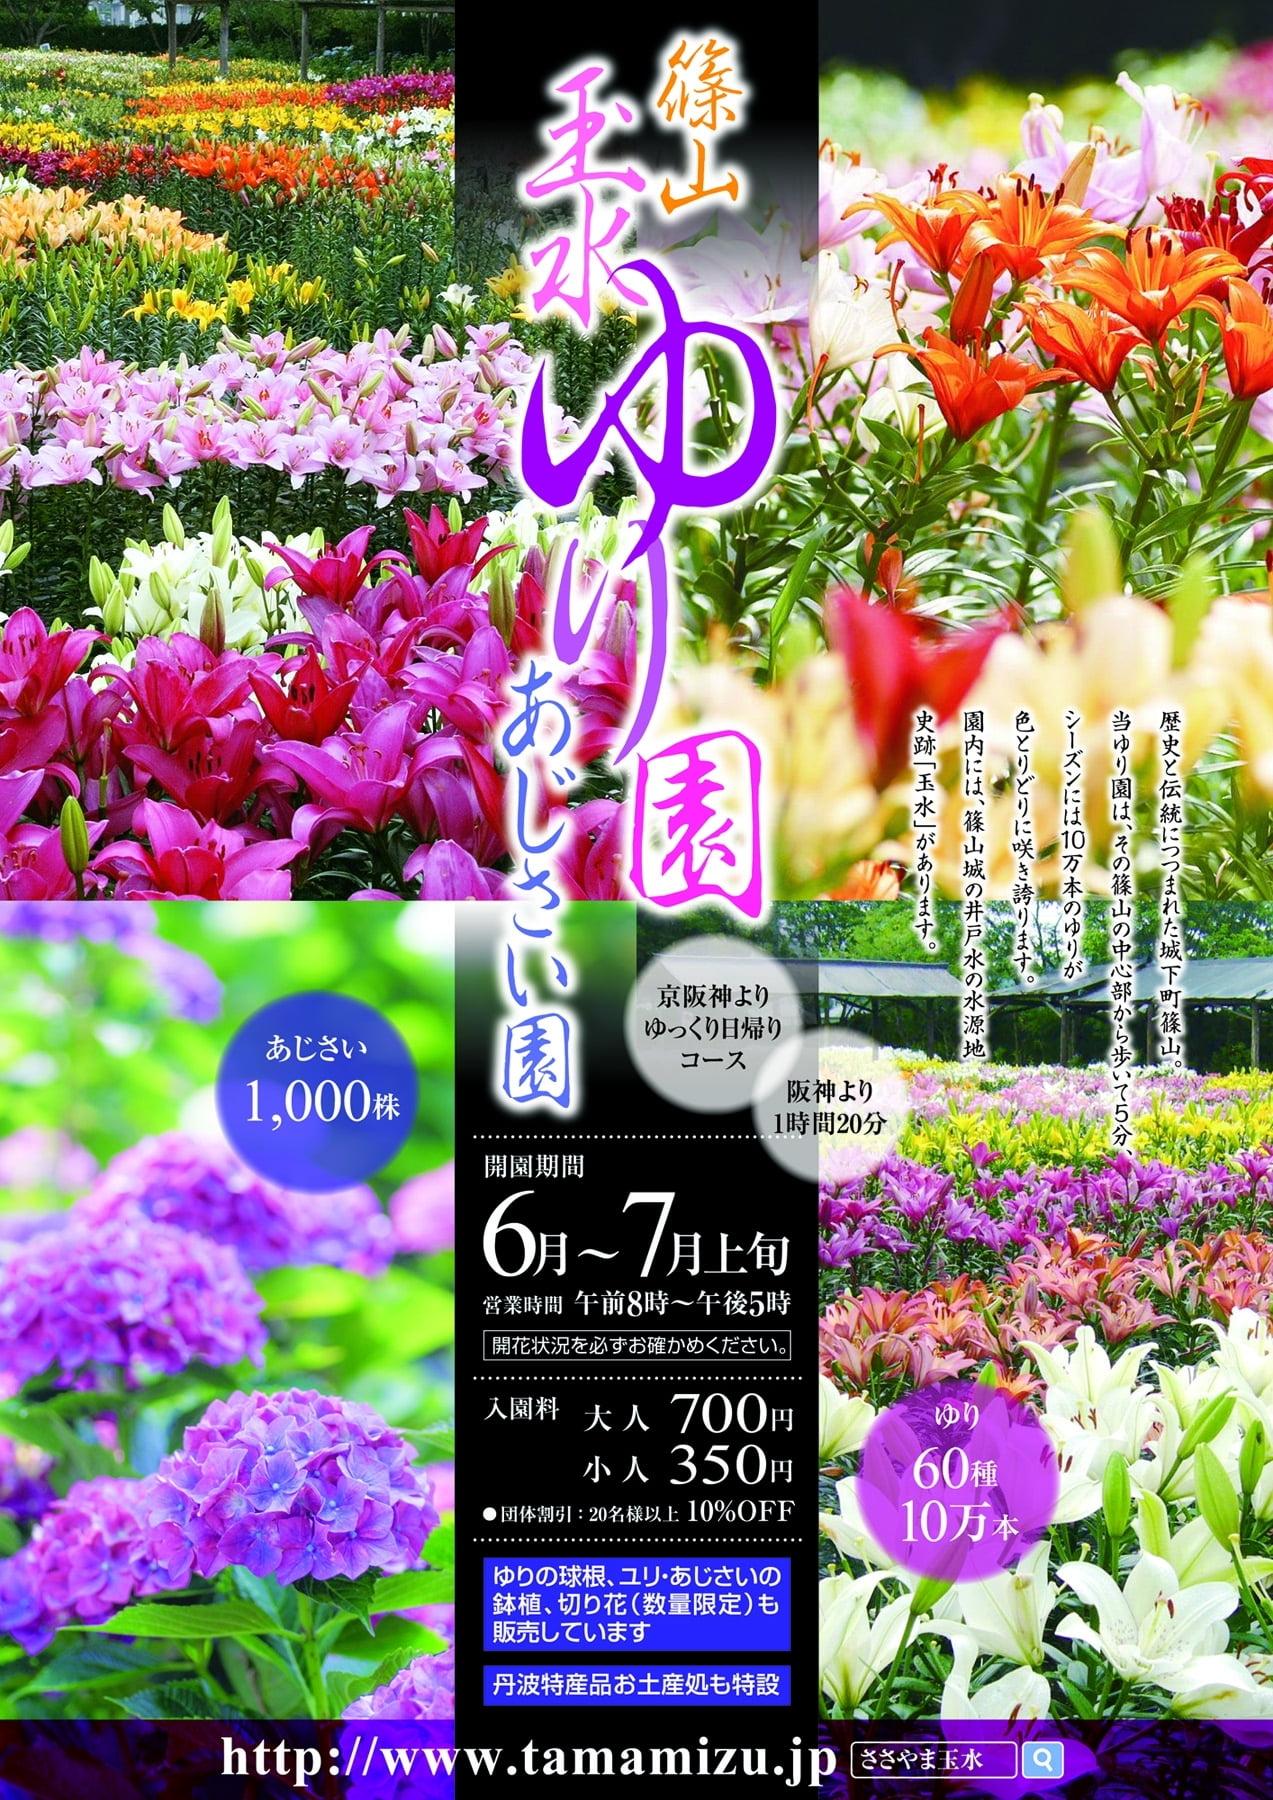 絶景!癒しのお花トリップ♡玉水篠山ゆり園・あじさい園